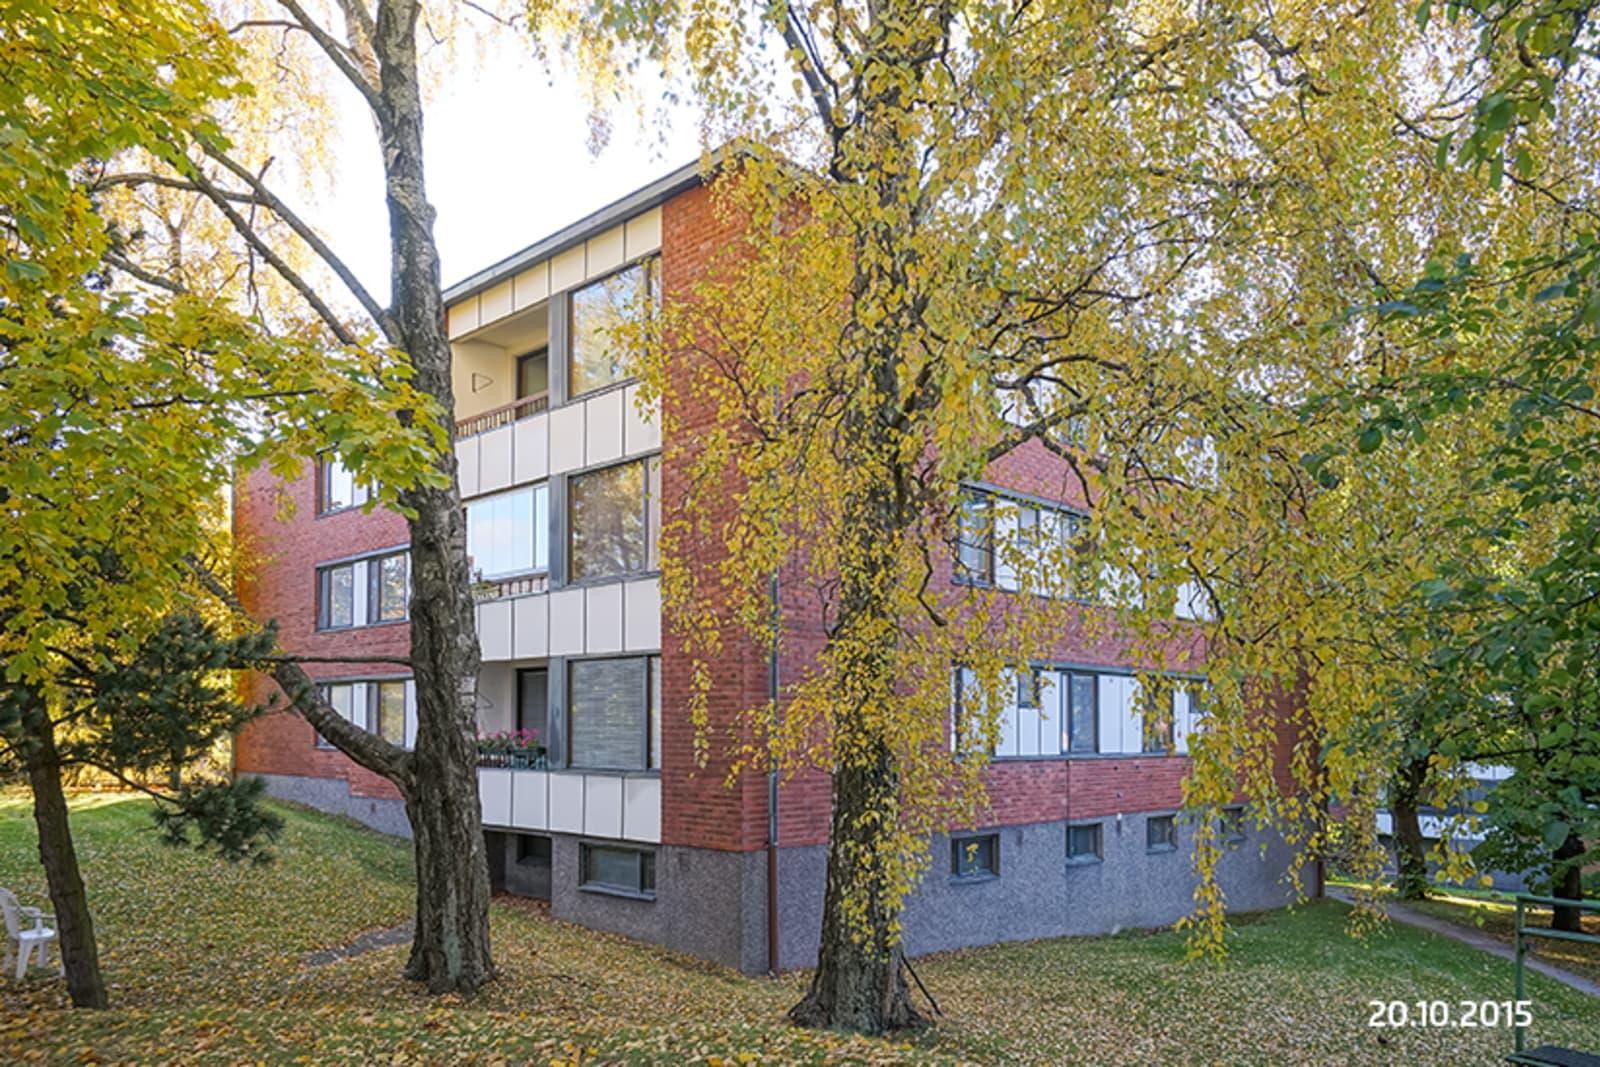 Helsinki, Etelä-Haaga, Ansaritie 1b, Vanha viertotie 4